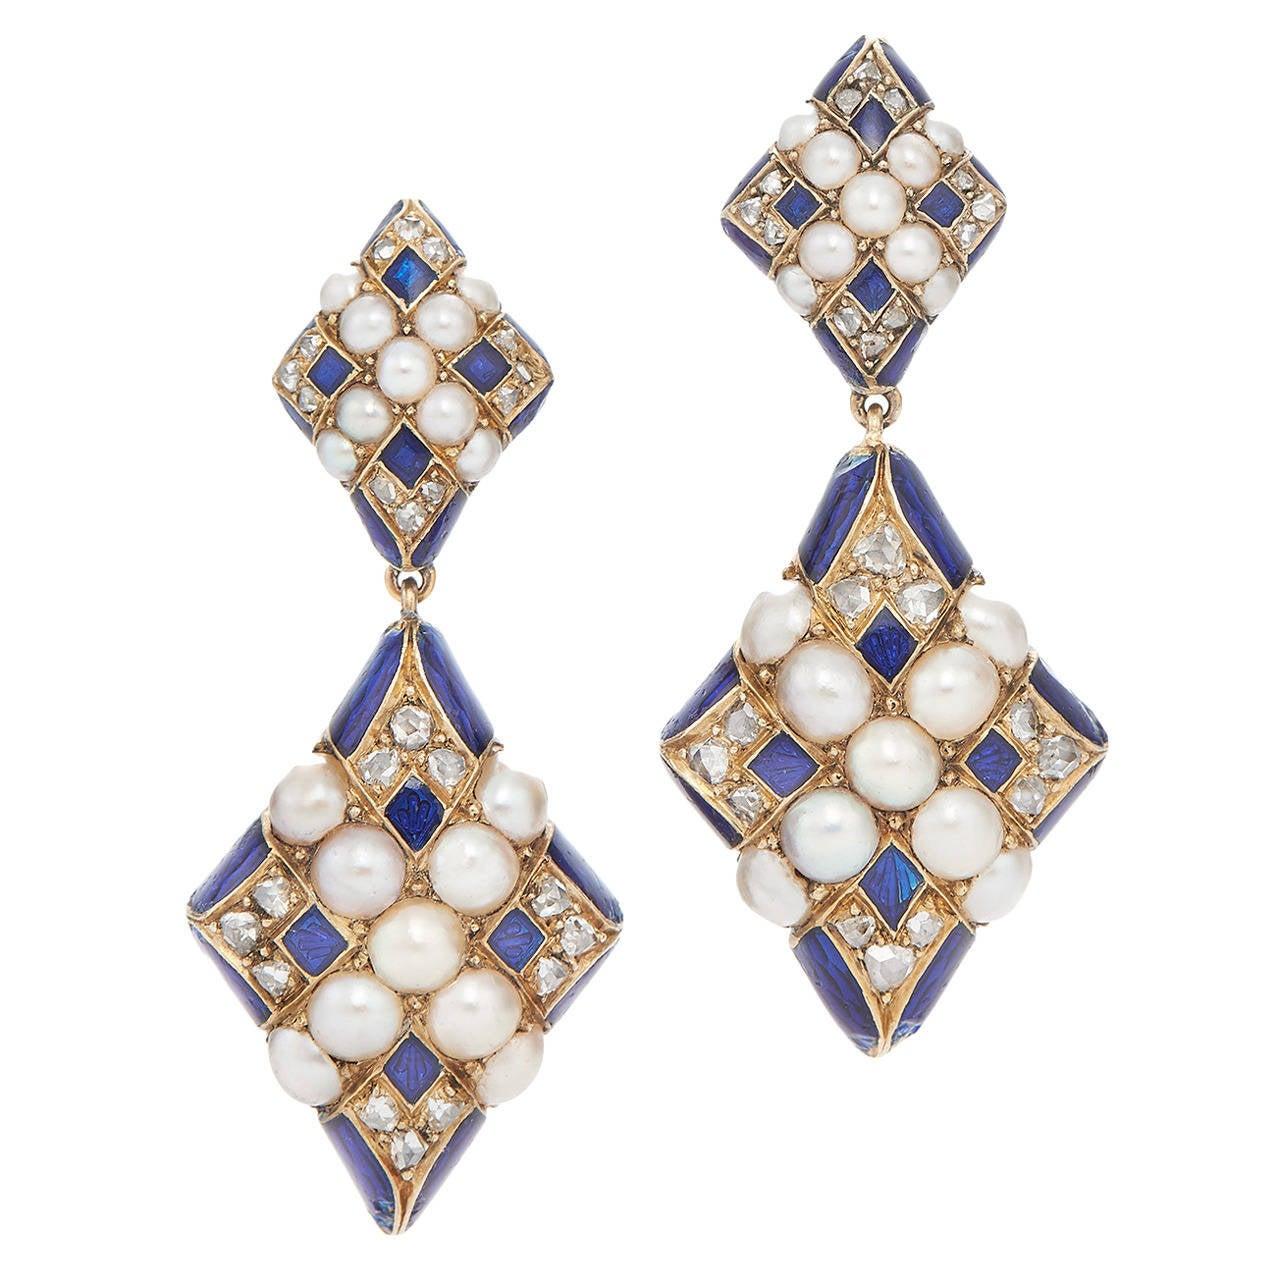 Antique Blue Enamel Pearl Diamond Gold Crosshatch Pendant Earrings